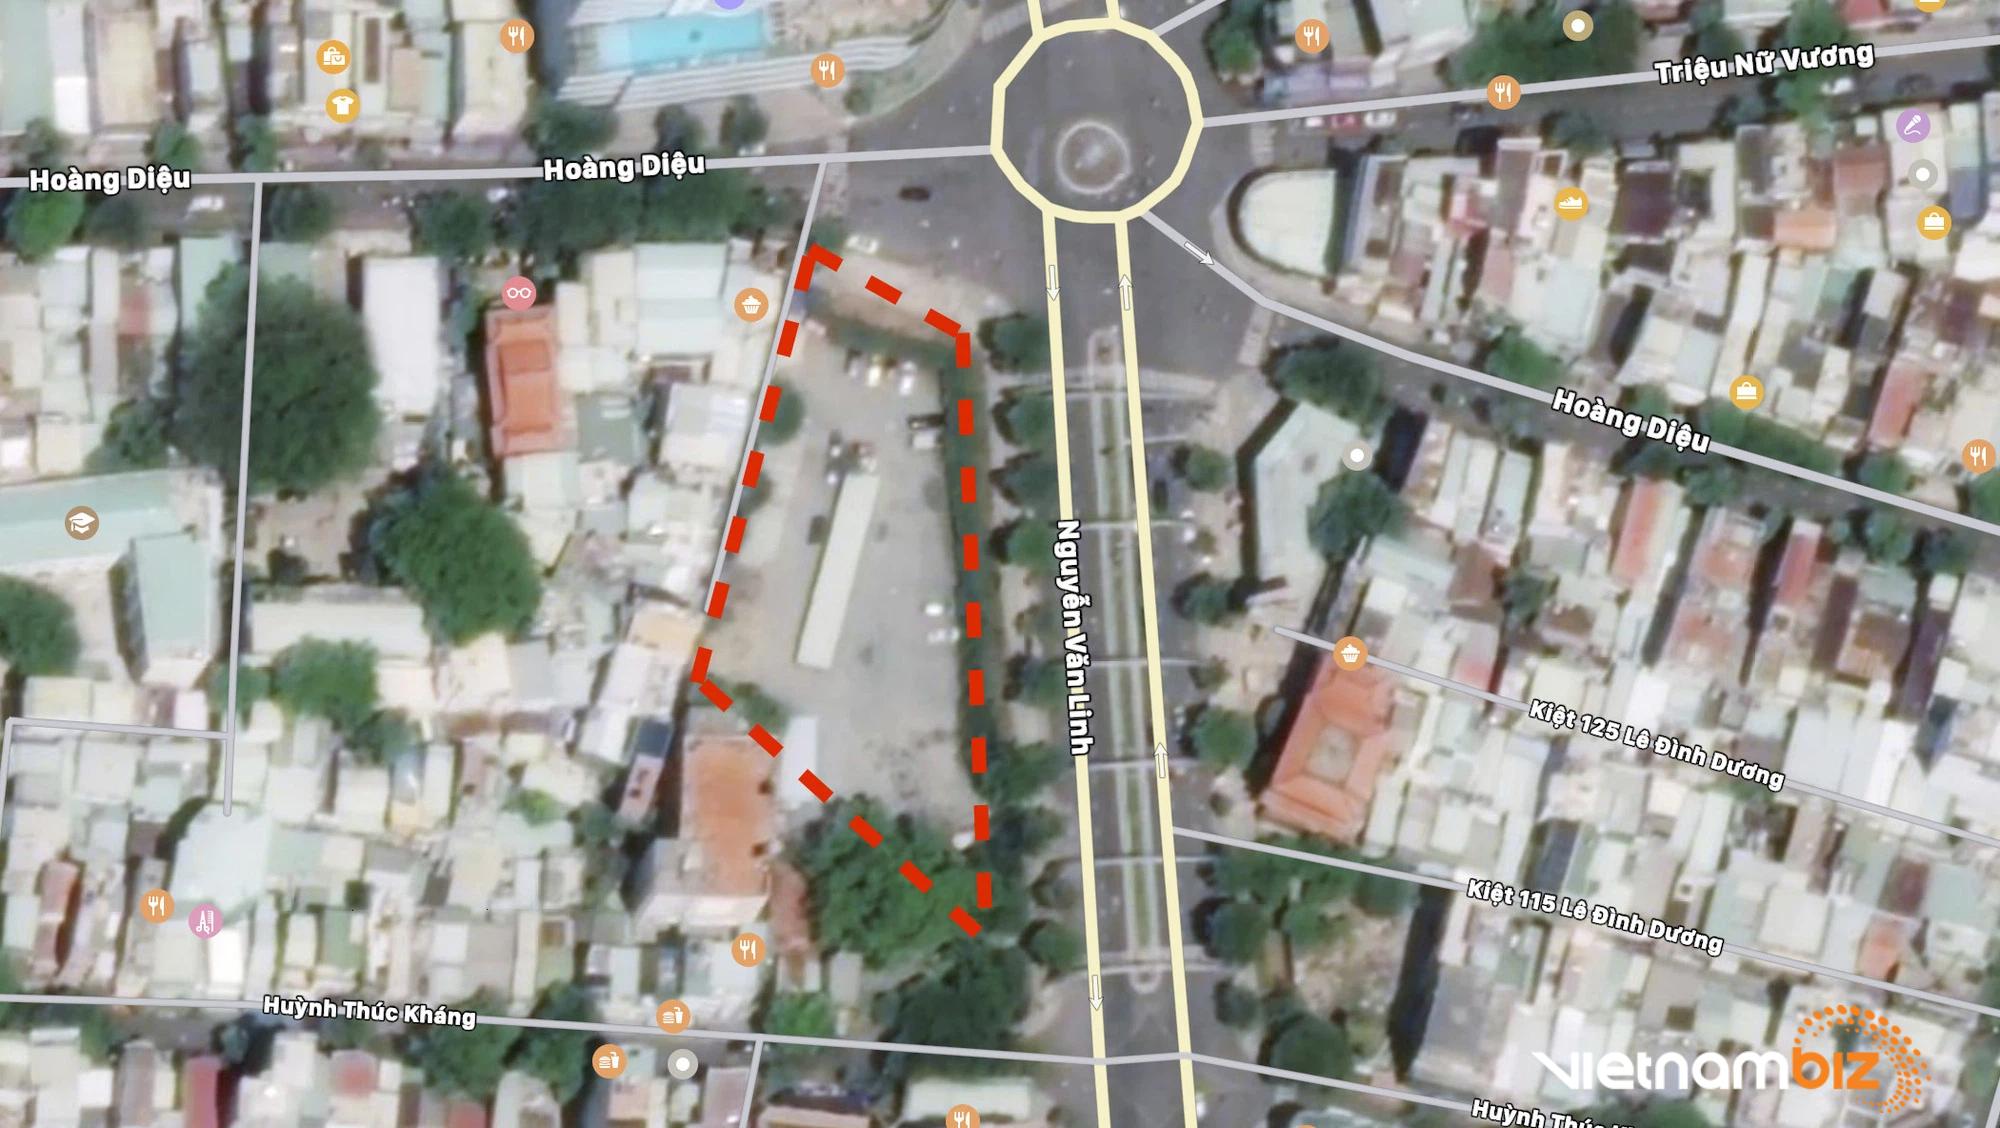 Cận cảnh hai khu đất gần cầu Rồng, Đà Nẵng sẽ đấu giá làm bãi đỗ xe - Ảnh 1.